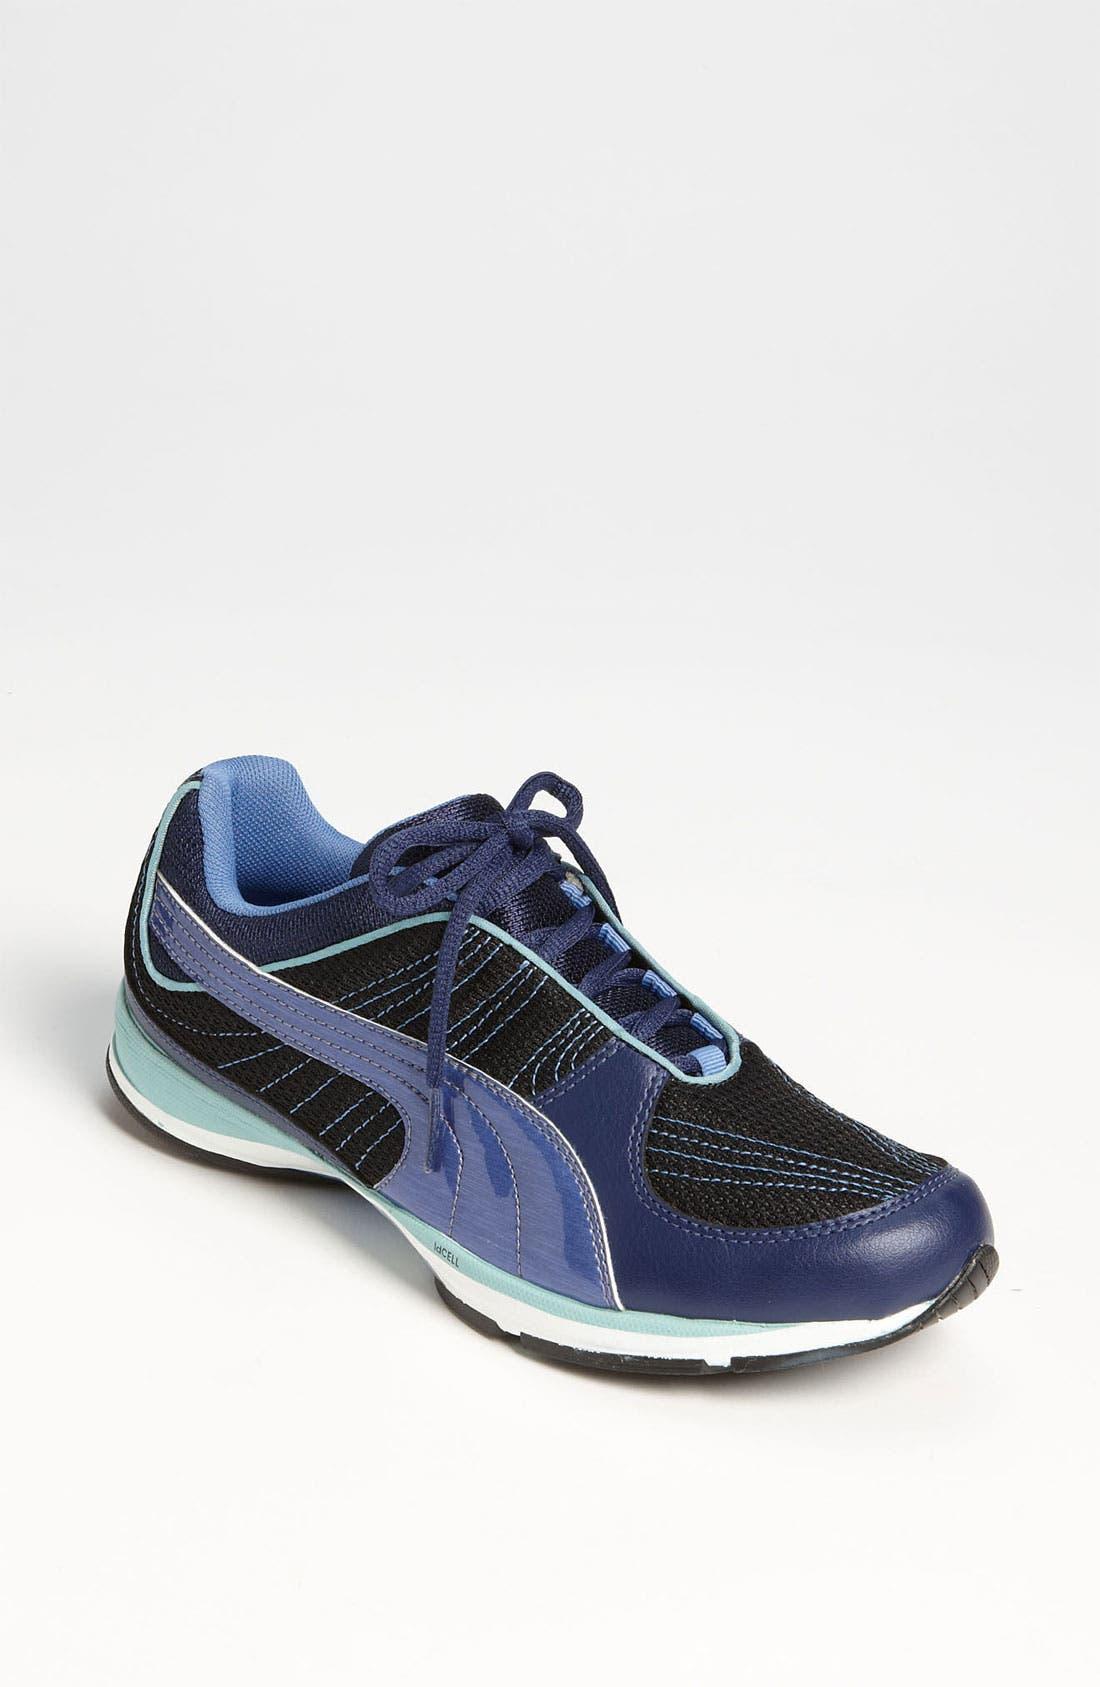 Main Image - PUMA 'Wylie Infinity 2' Sneaker (Women)